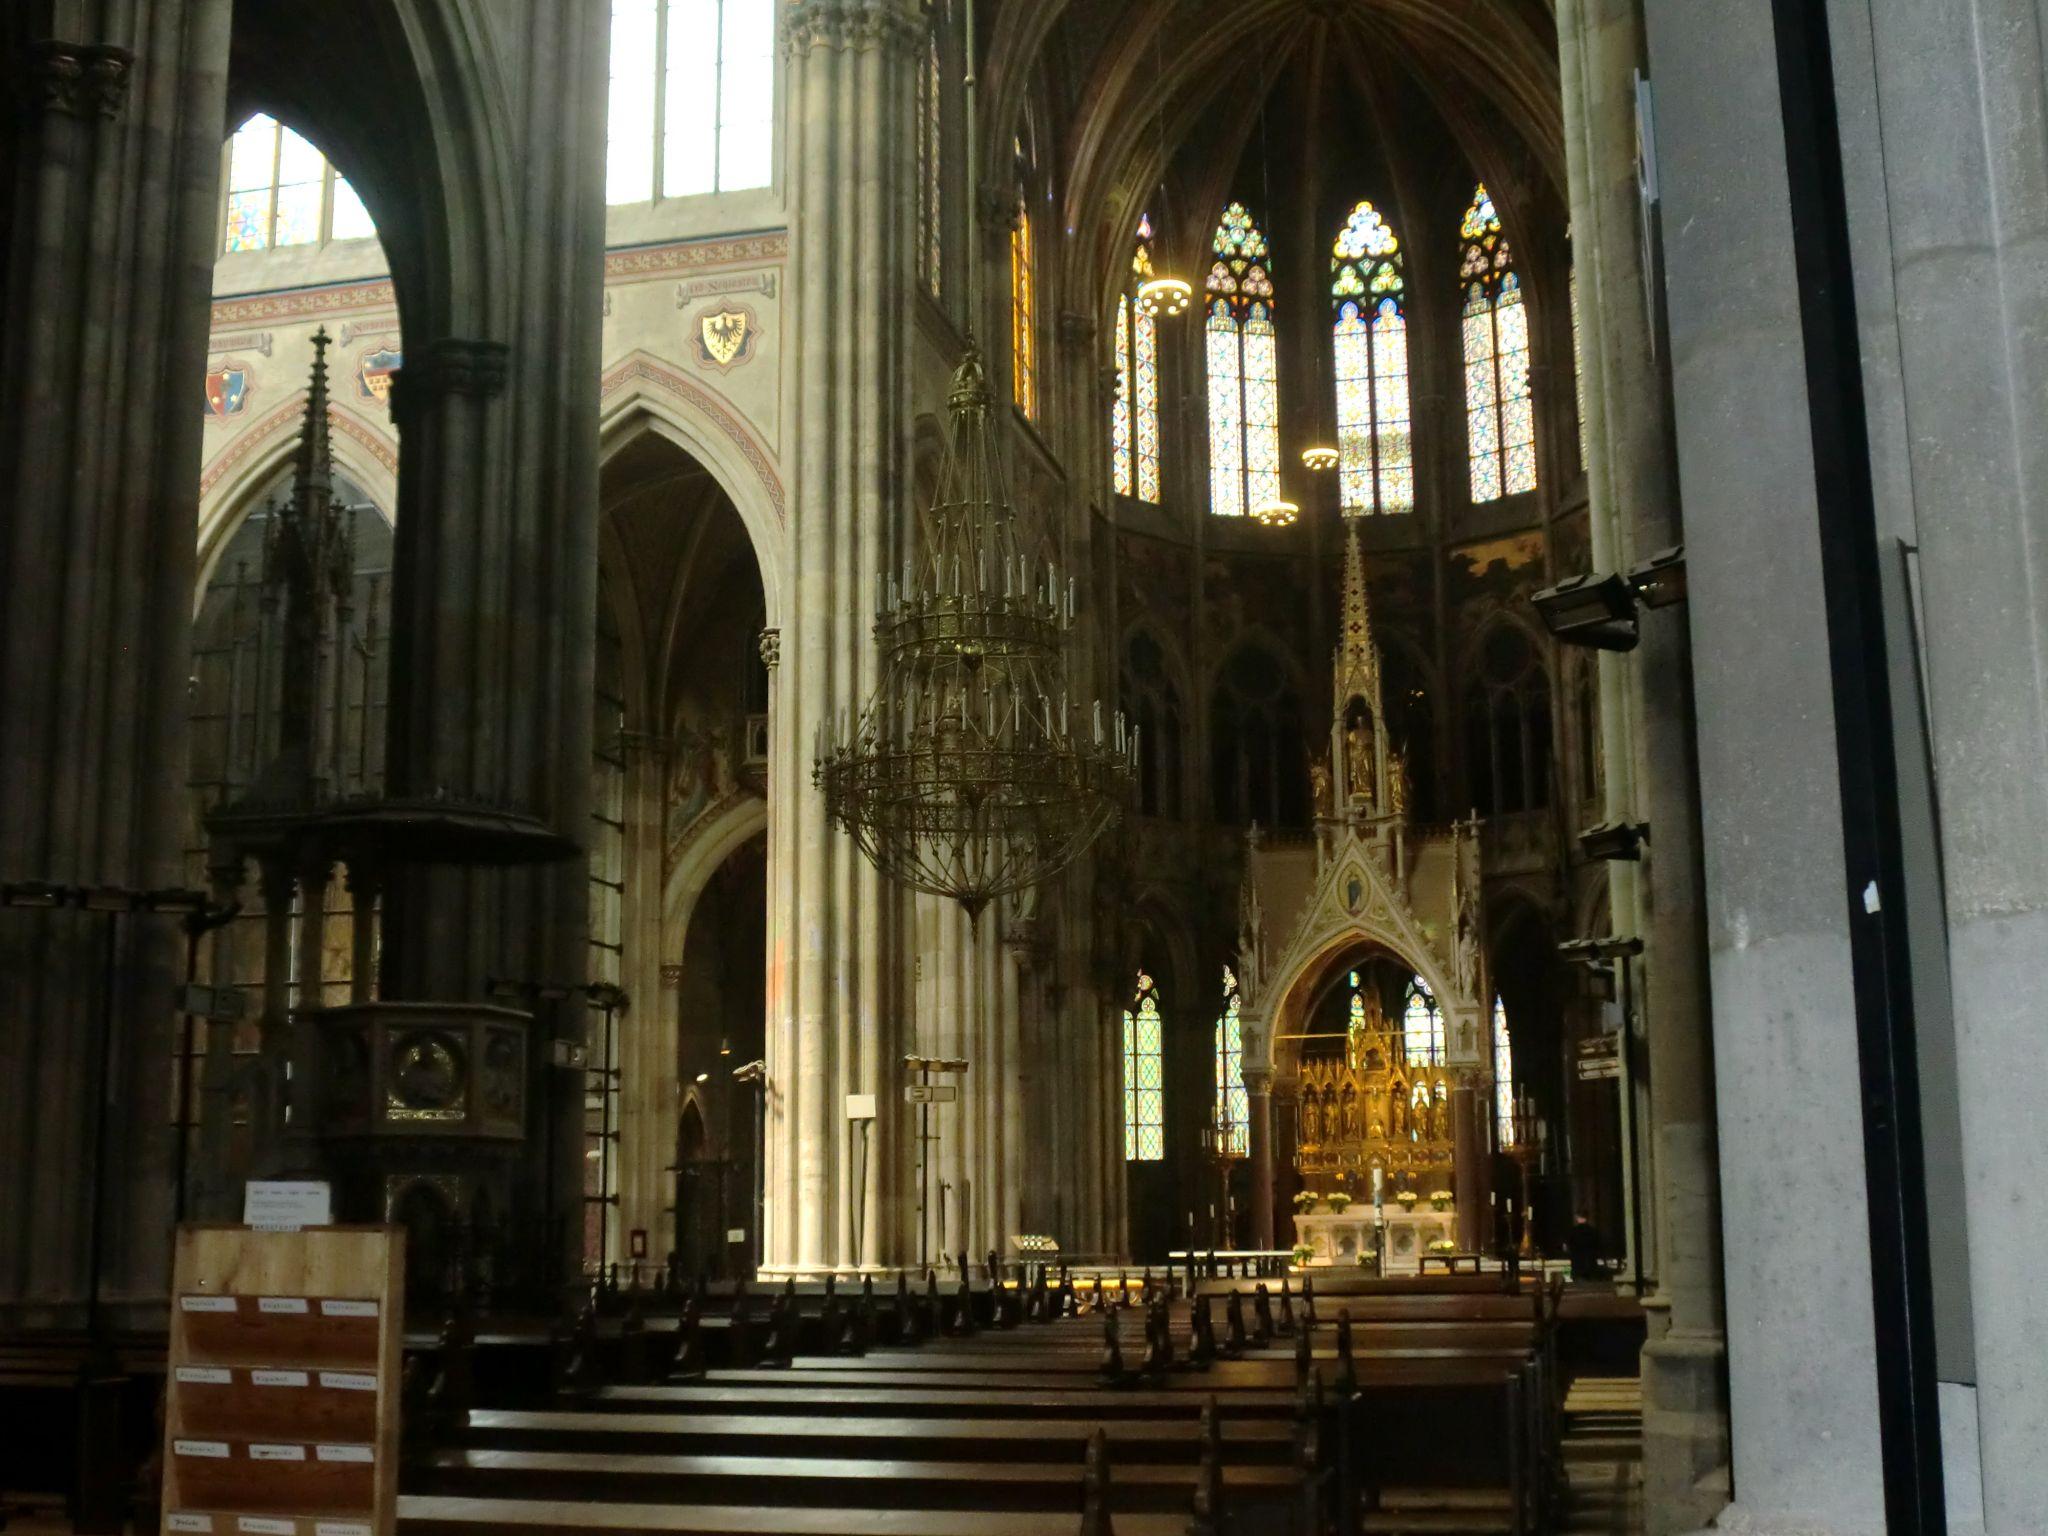 Vienna cathedral 9 1440x1080 - Vienna: elegant beauty